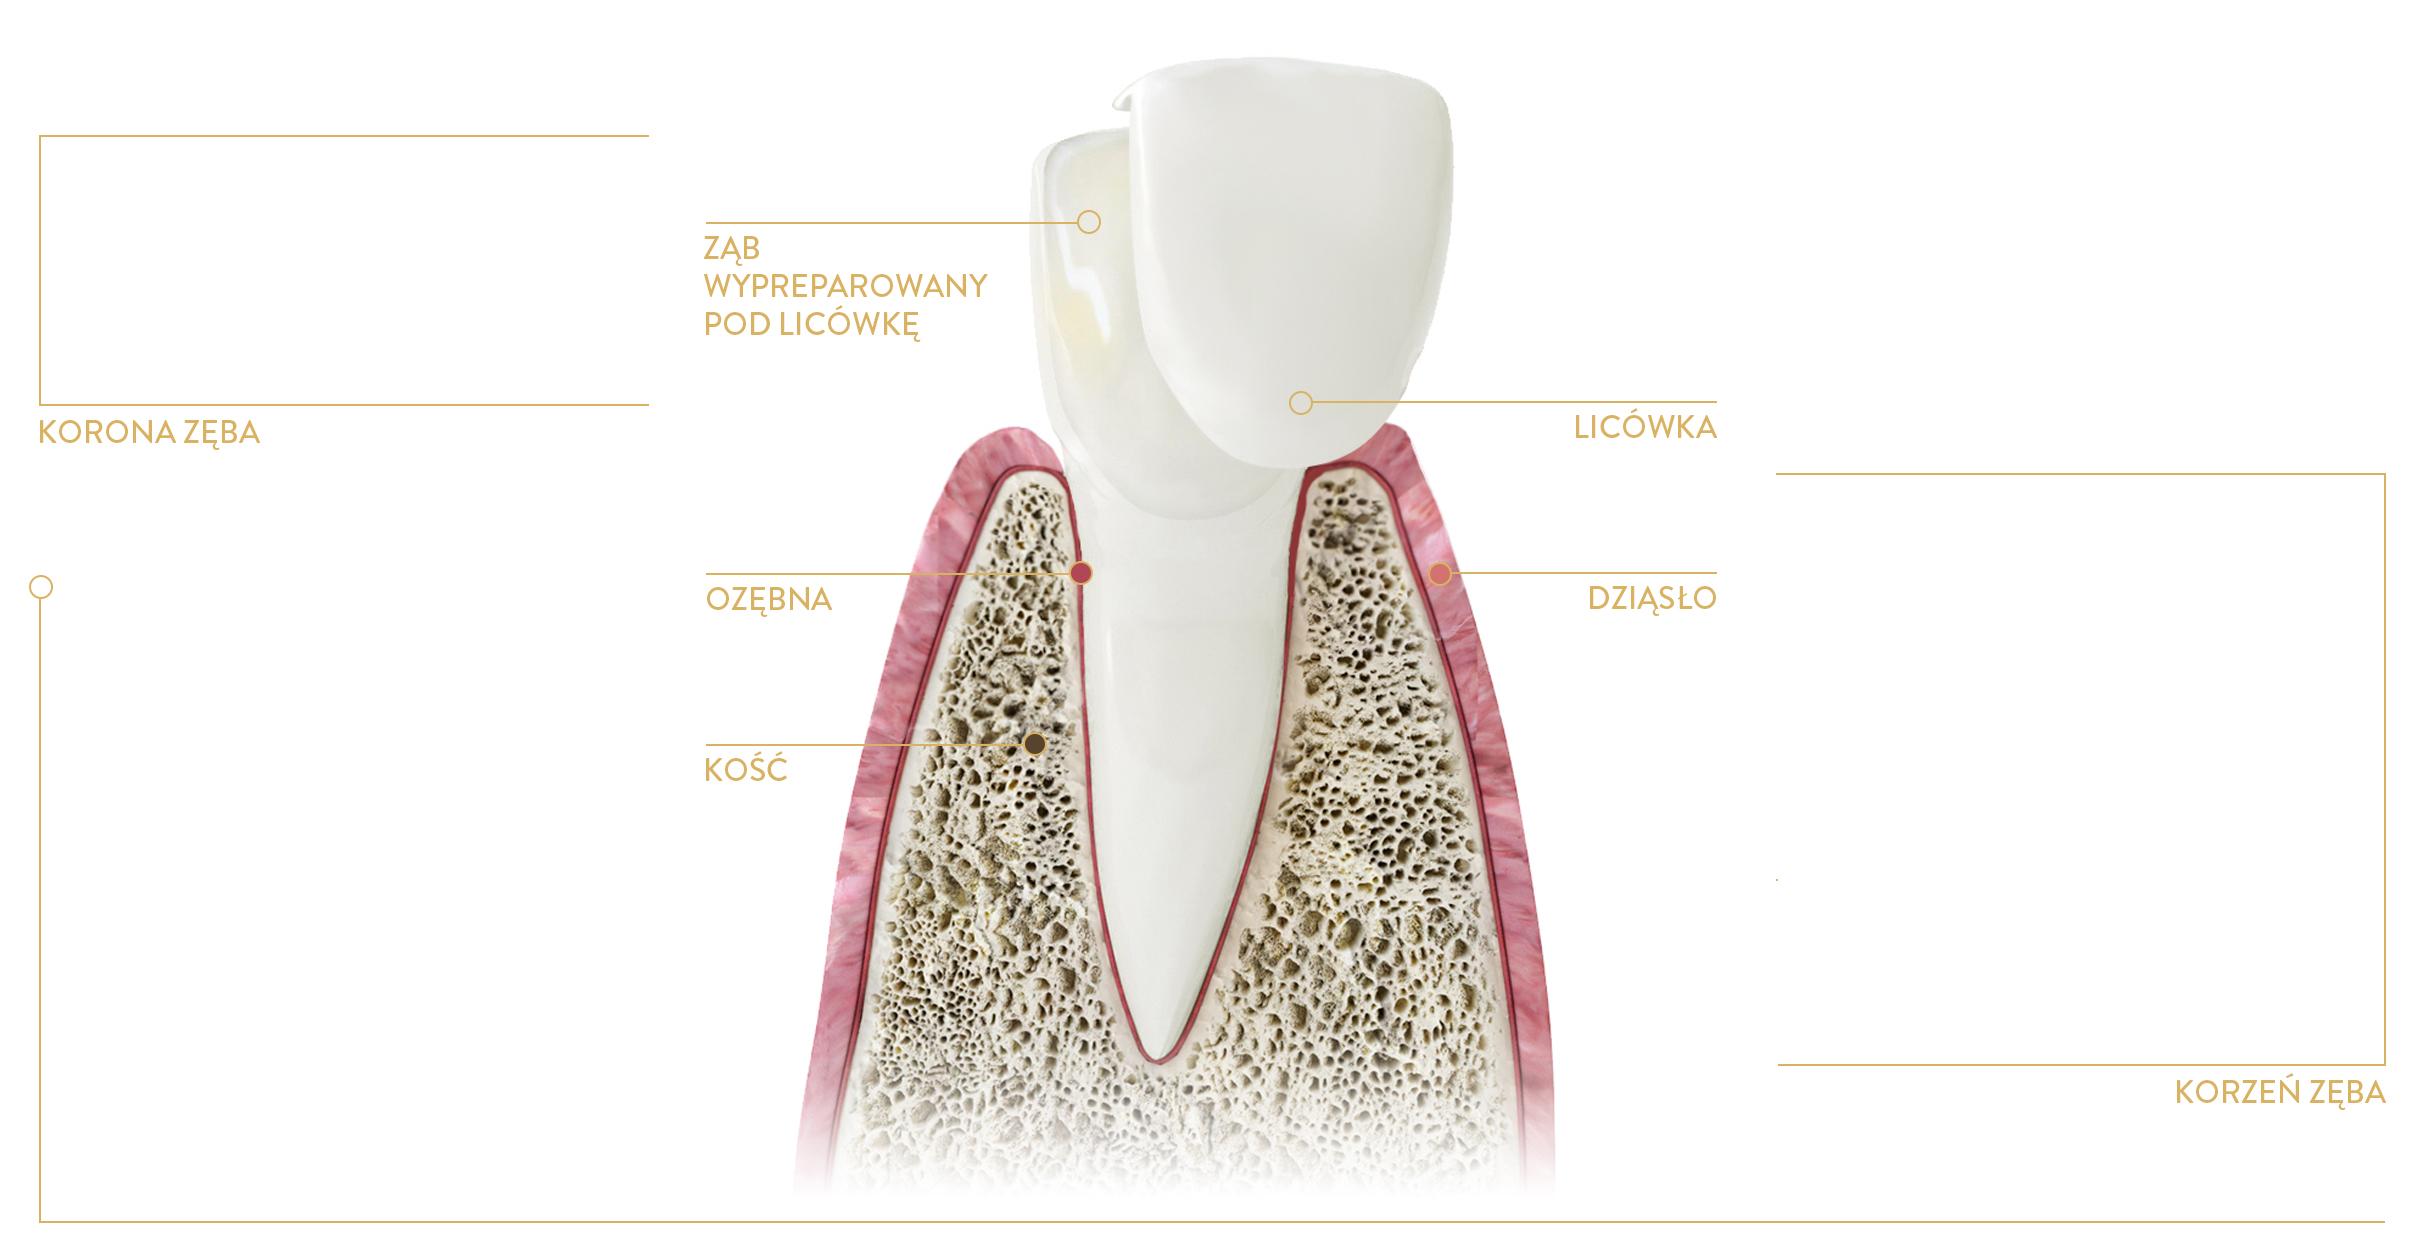 kraków stomatologia estetyczna